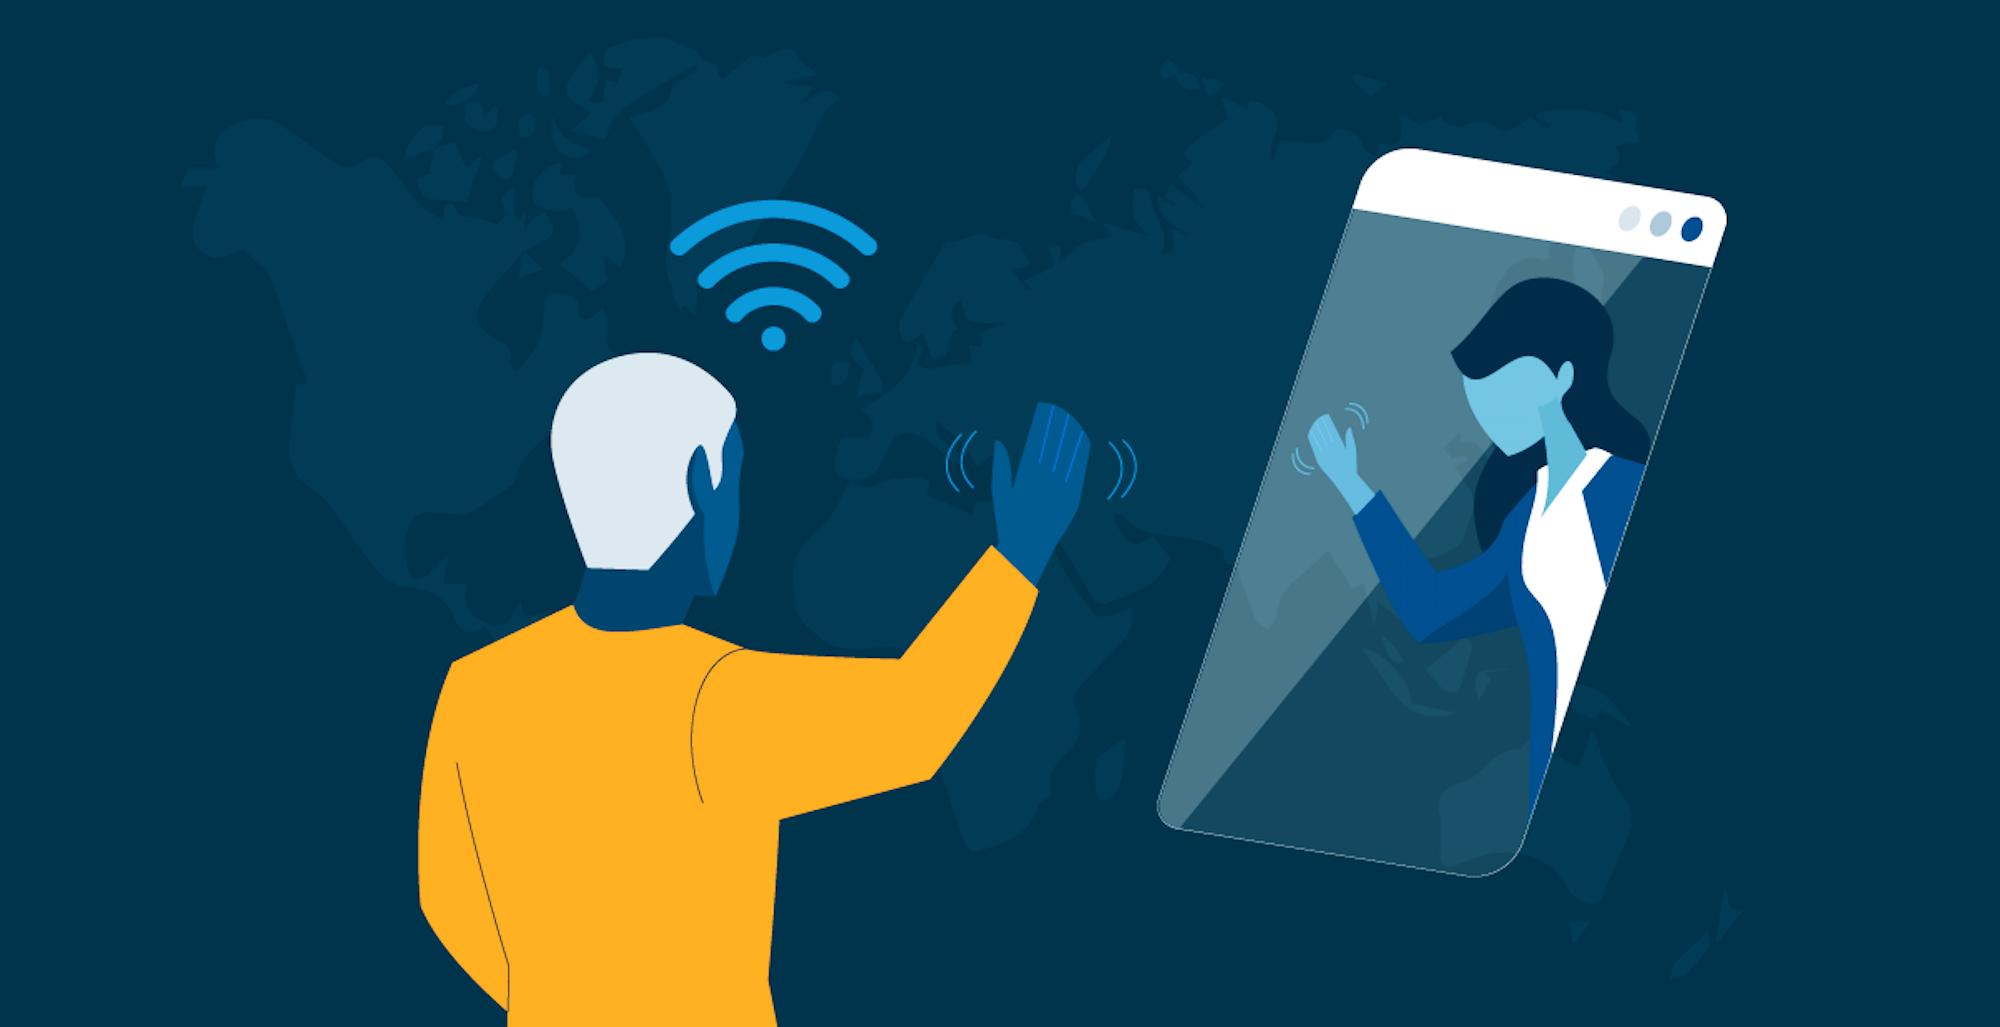 5Tipps zum Planen von erfolgreichen virtuellen Meetings